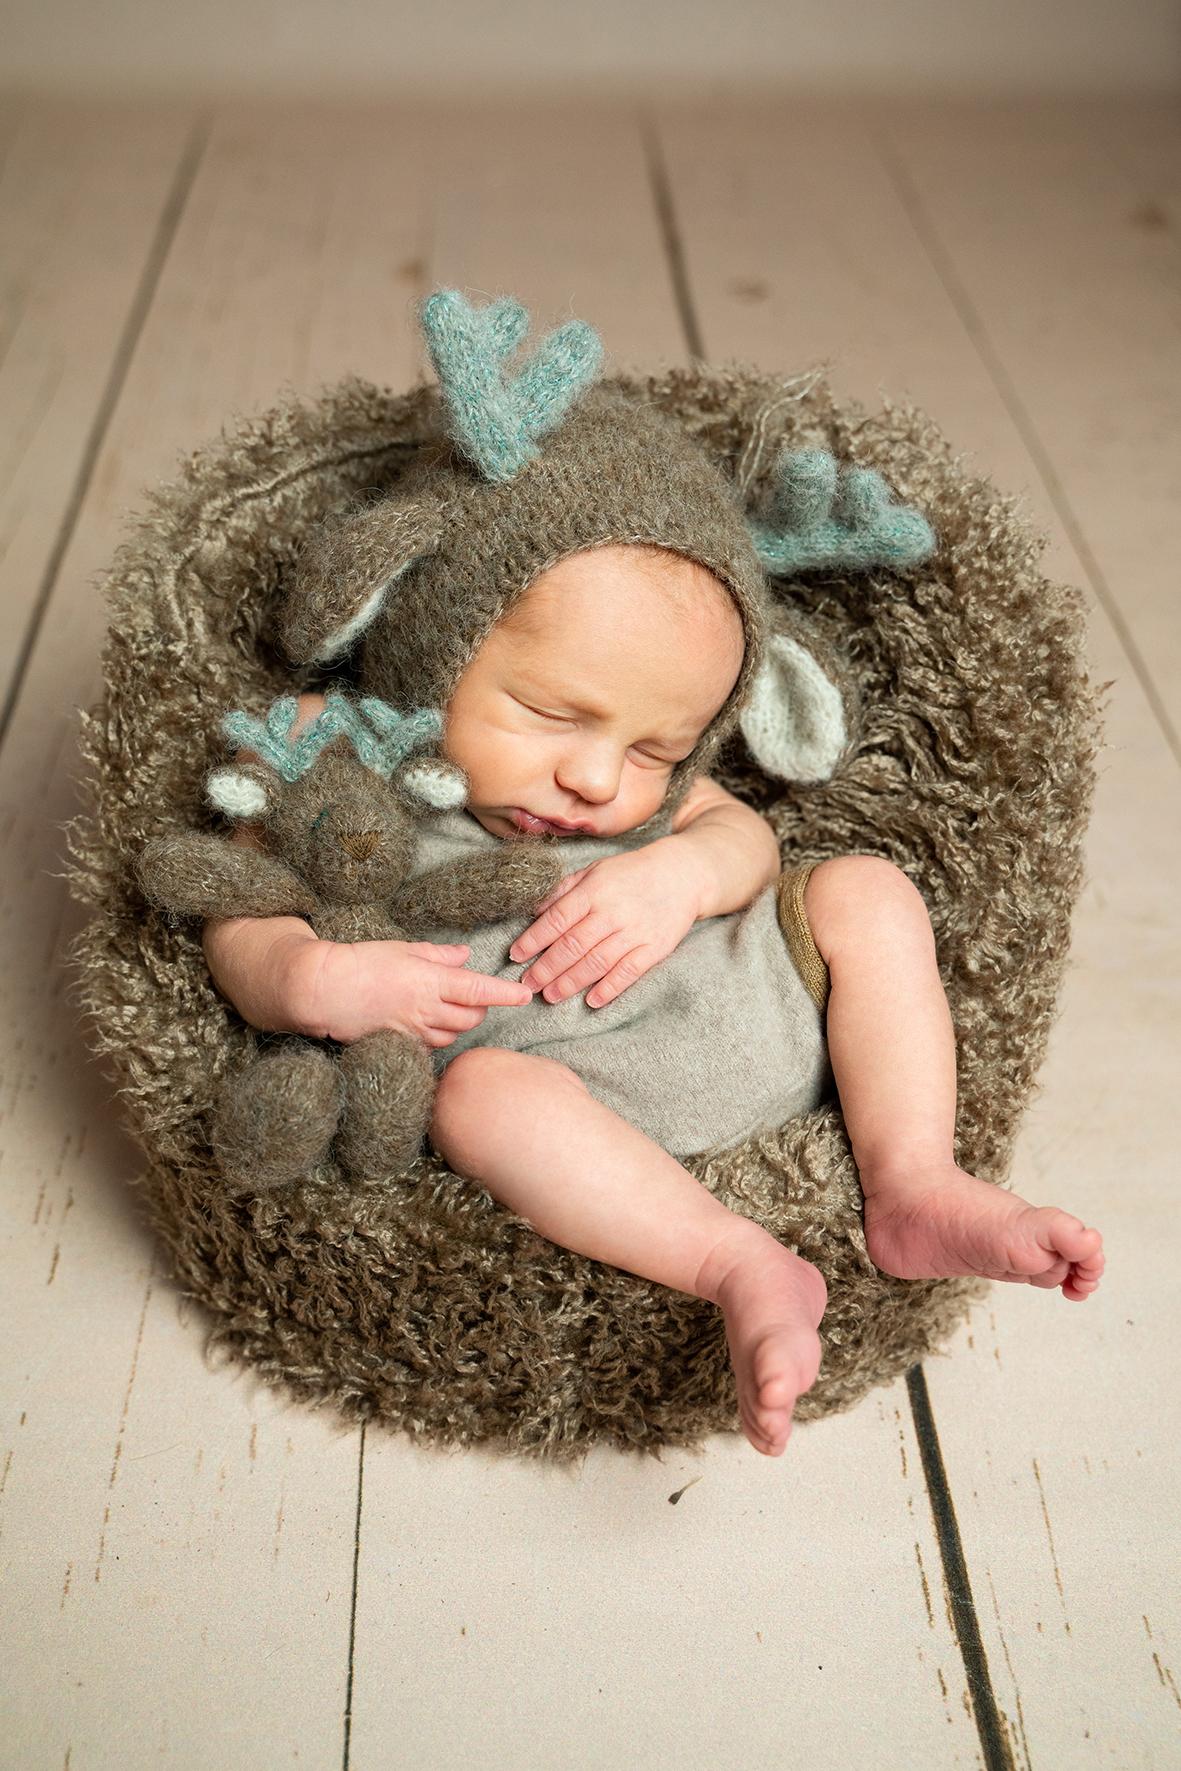 Baby schläft im Sessel Neugeborenenshooting in Fotostudio Bremen